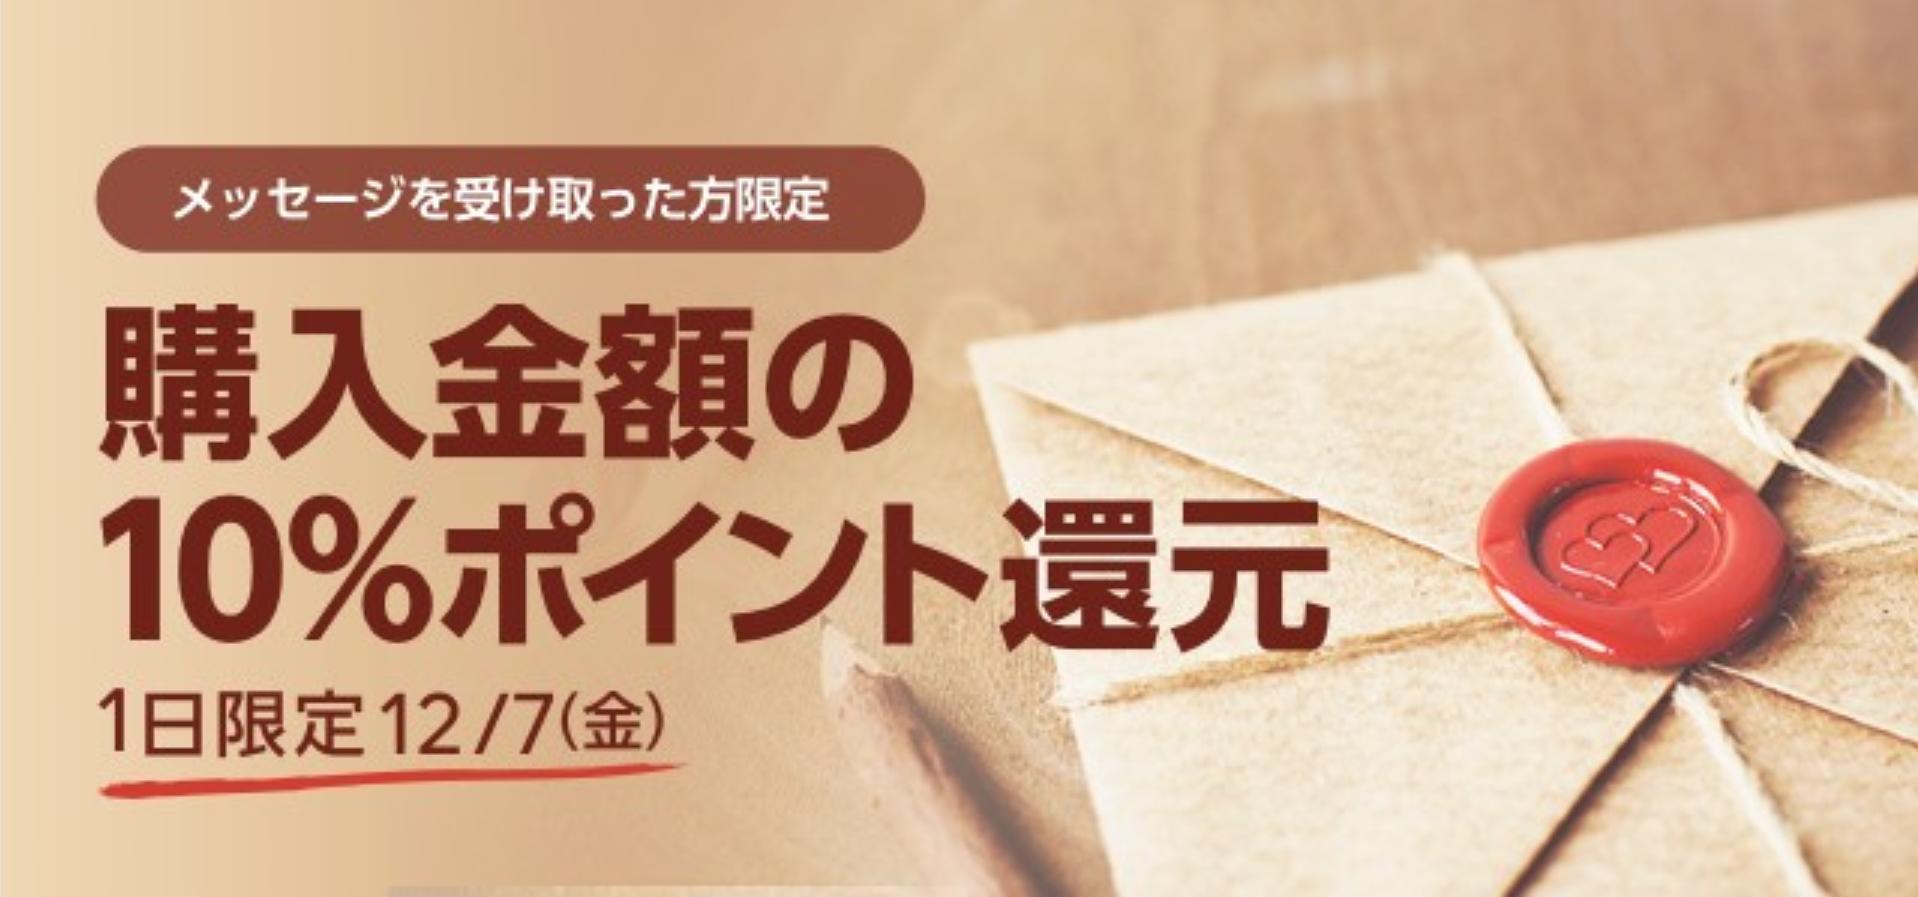 LINEショッピング 特別優待キャンペーン 10% ポイント せどり